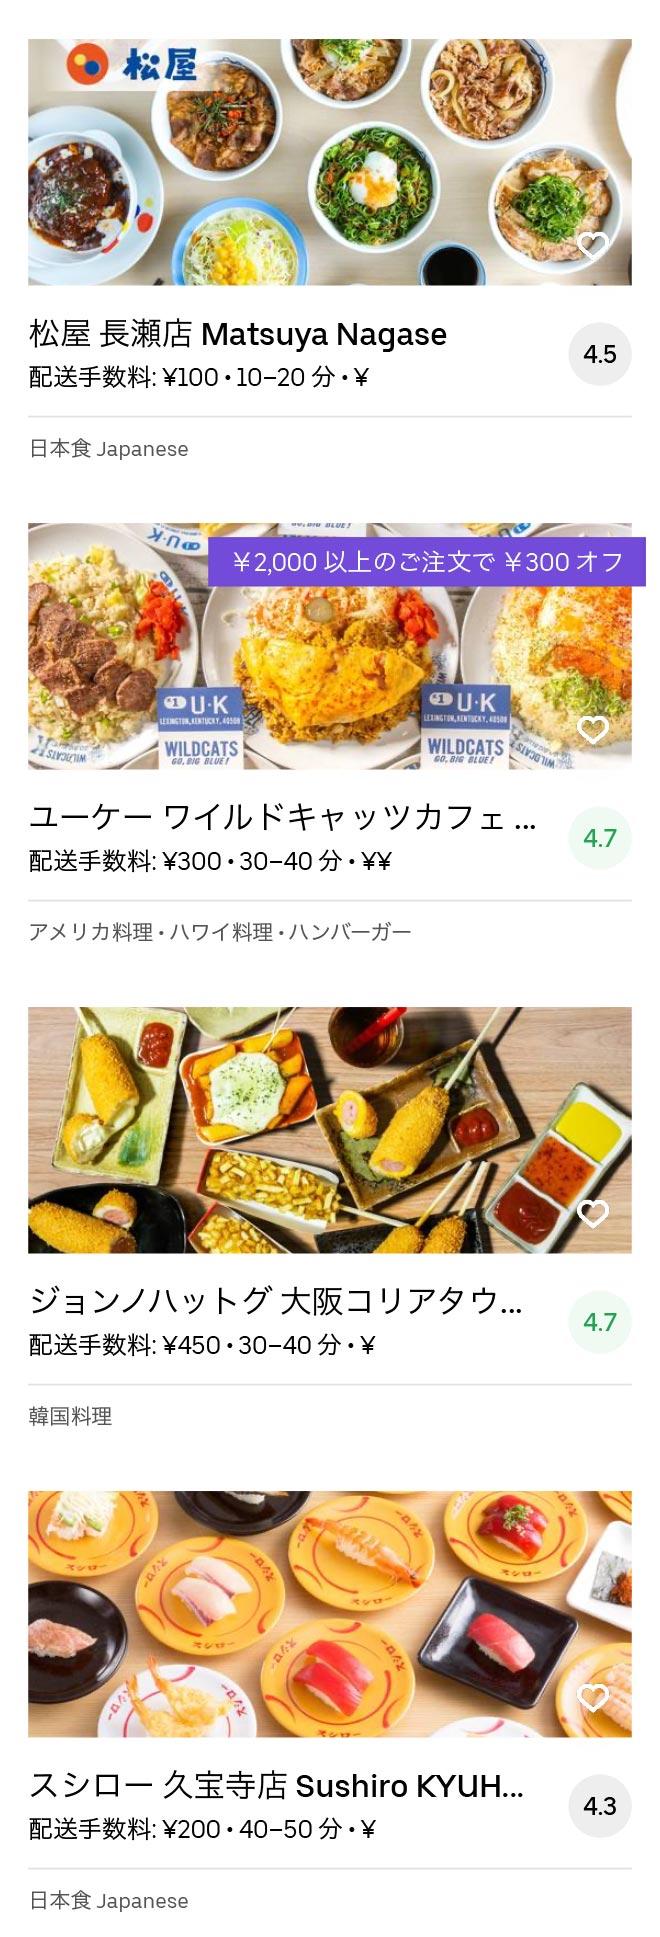 Higashi osaka nagase menu 2005 07